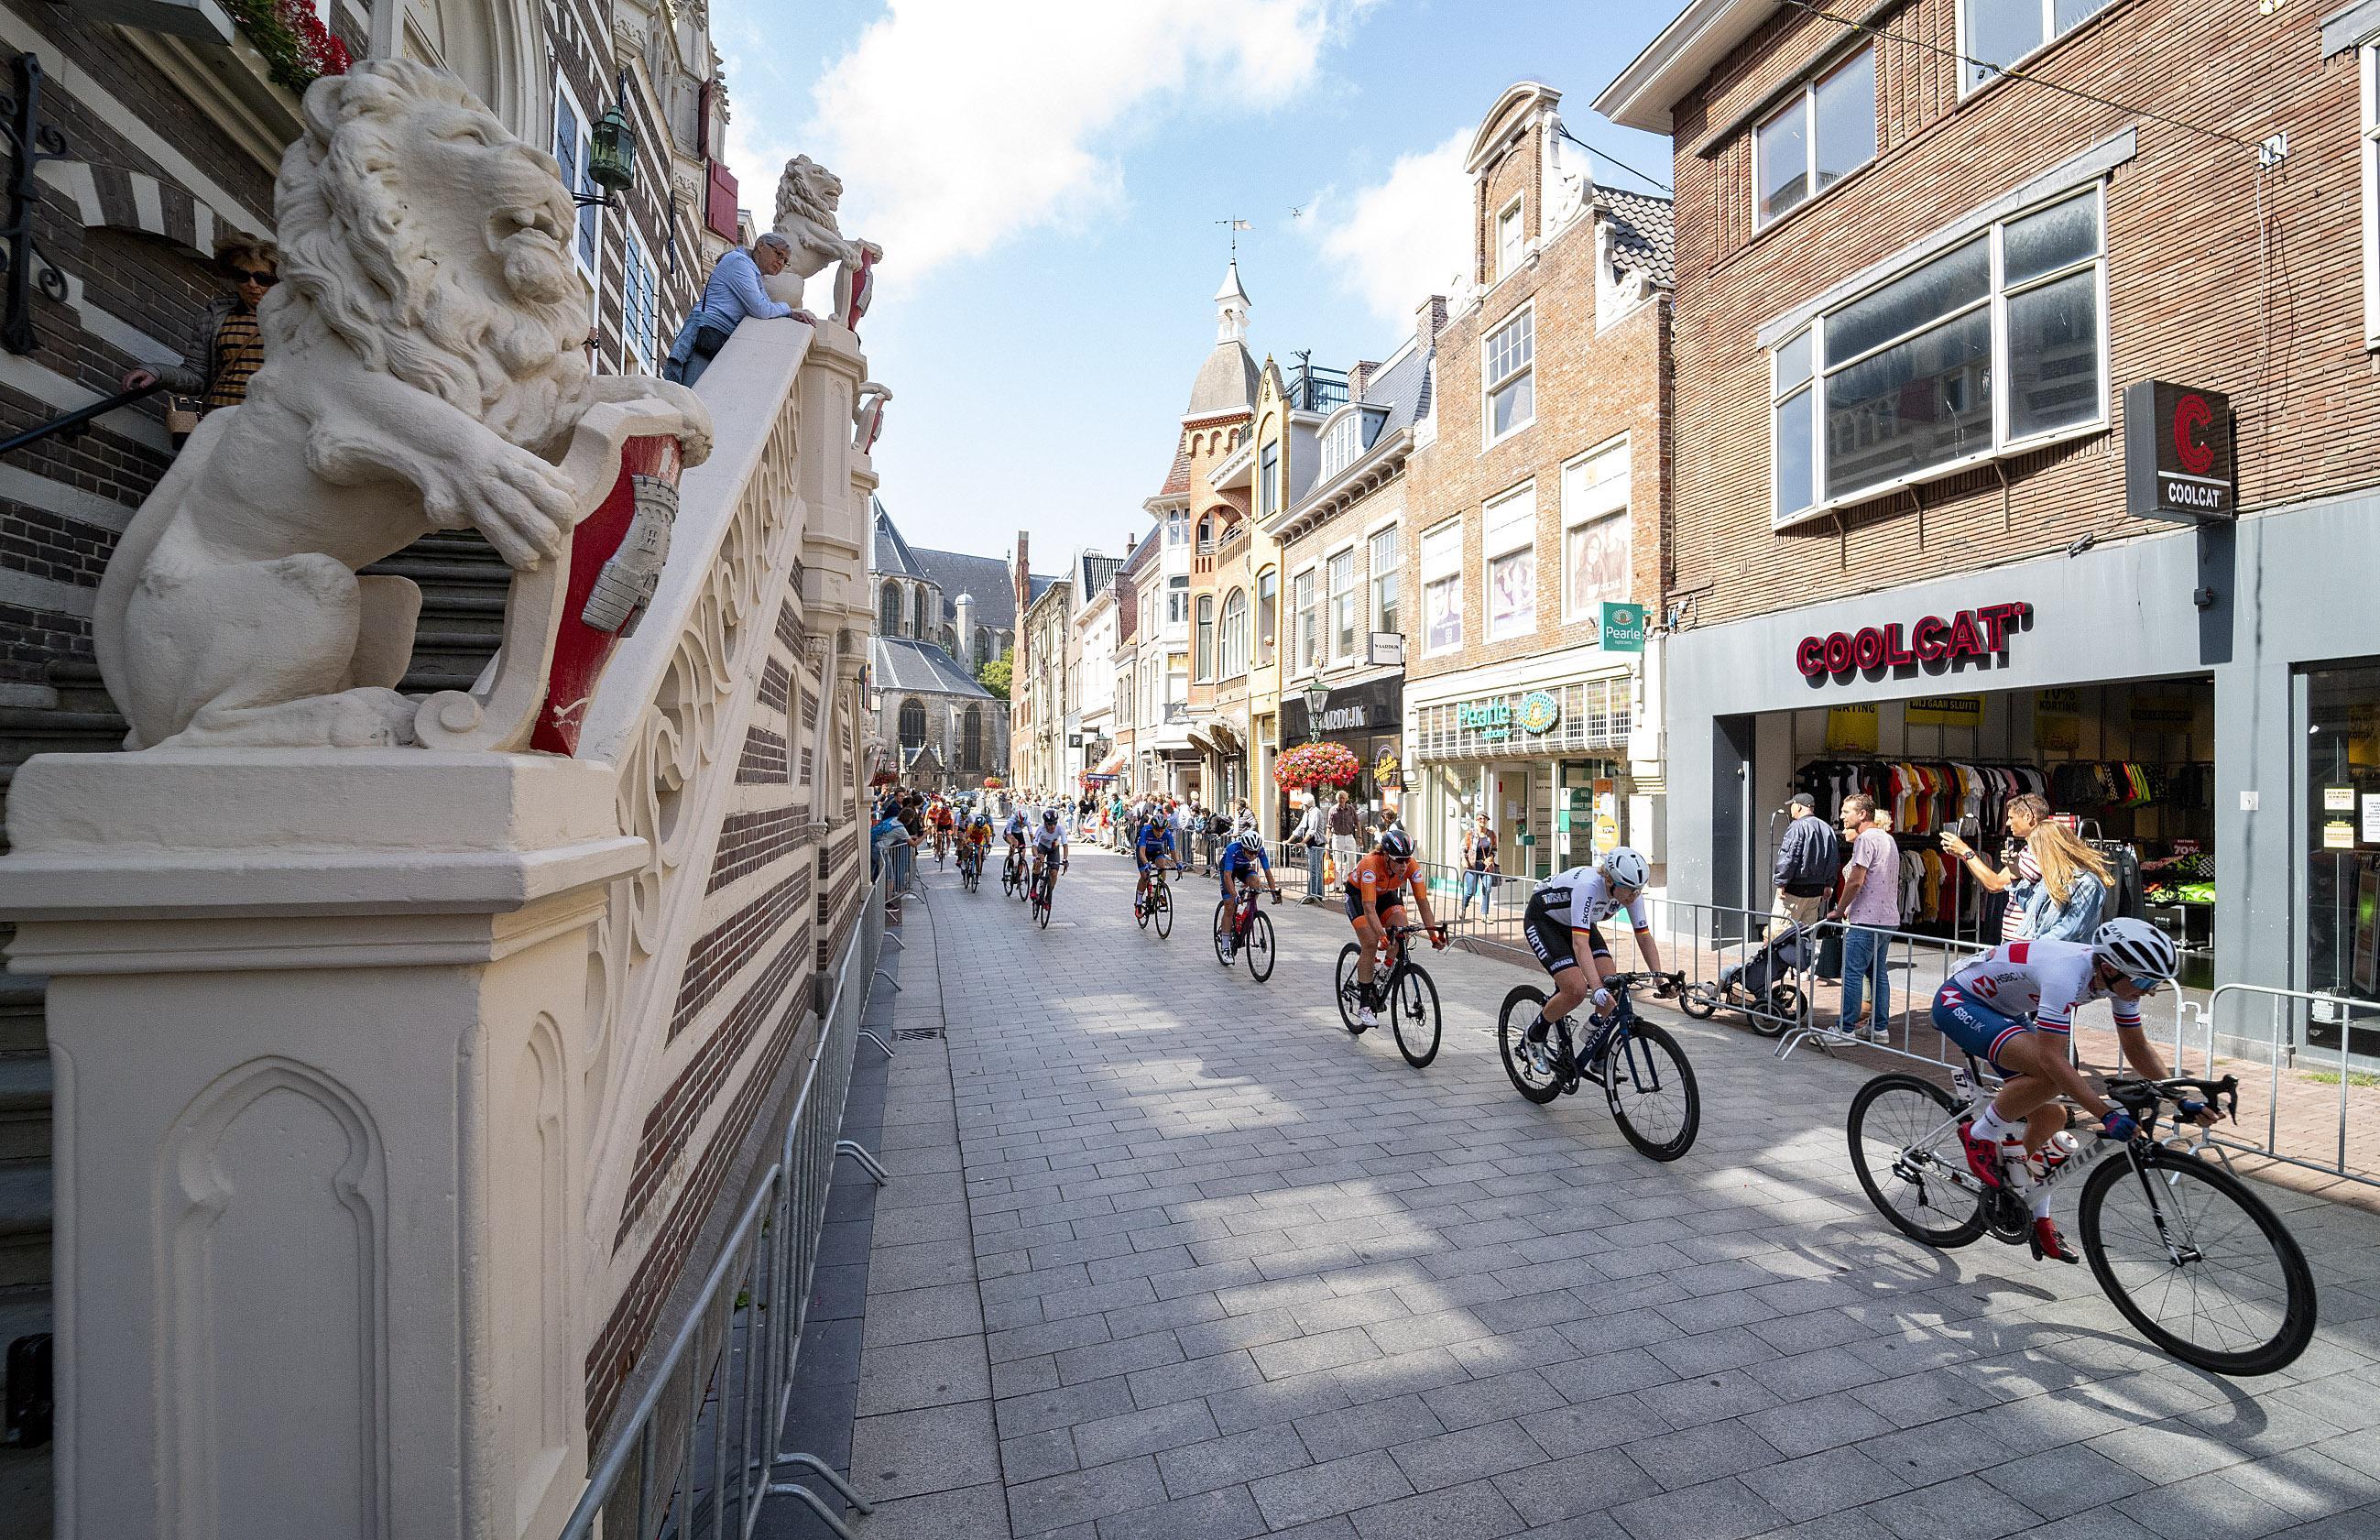 Alkmaar kan fluiten naar een miljoen euro. EK Wielrennen van 2019 was en is nog steeds geen topevenement, oordeelt ministerie na bezwaar